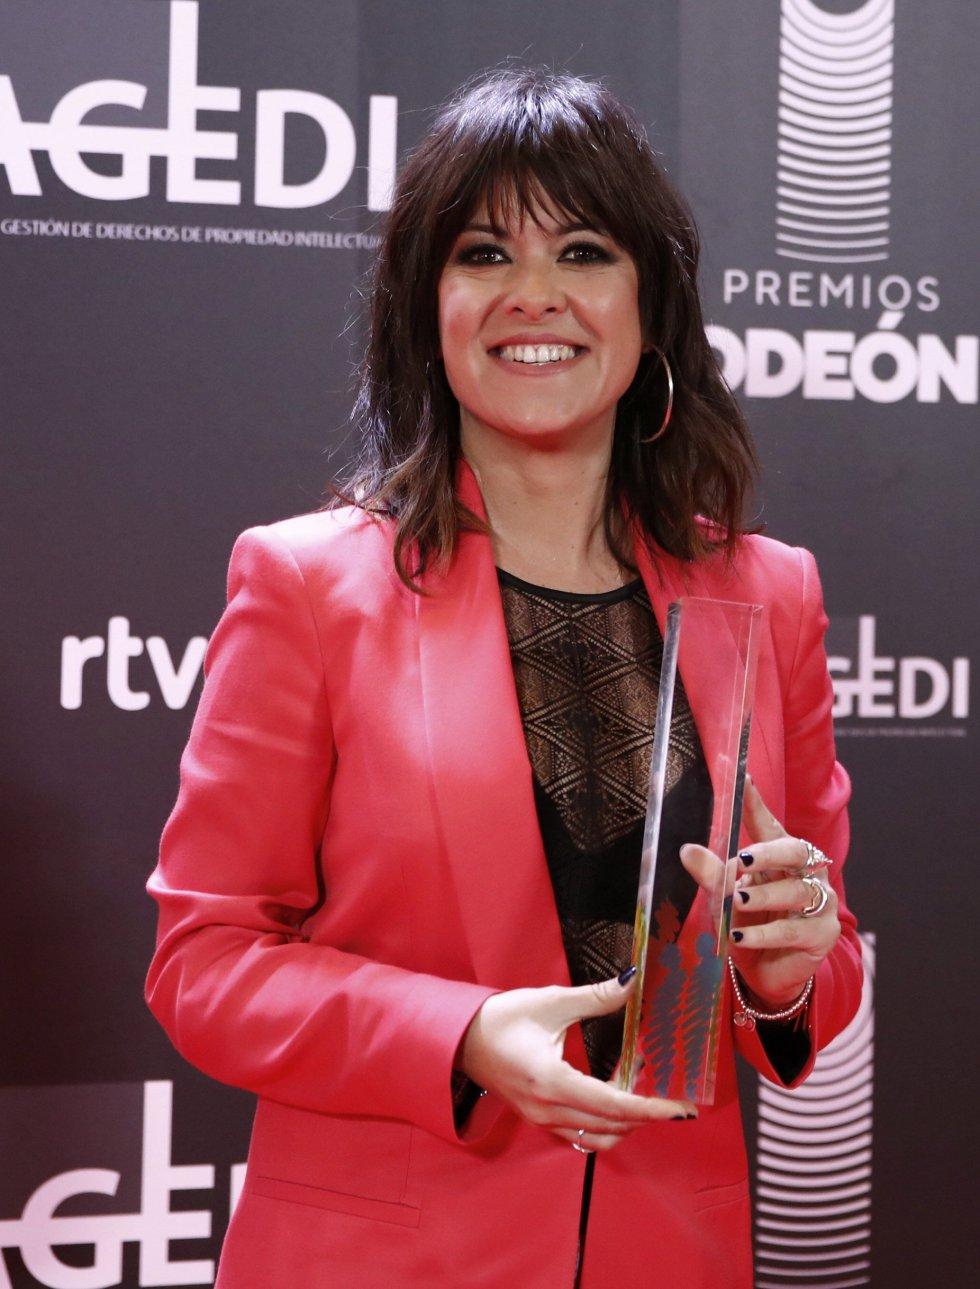 La cantante Vanesa Martín posa con el premio a la mejor artista femenina en la primera edición de los Premios Odeón